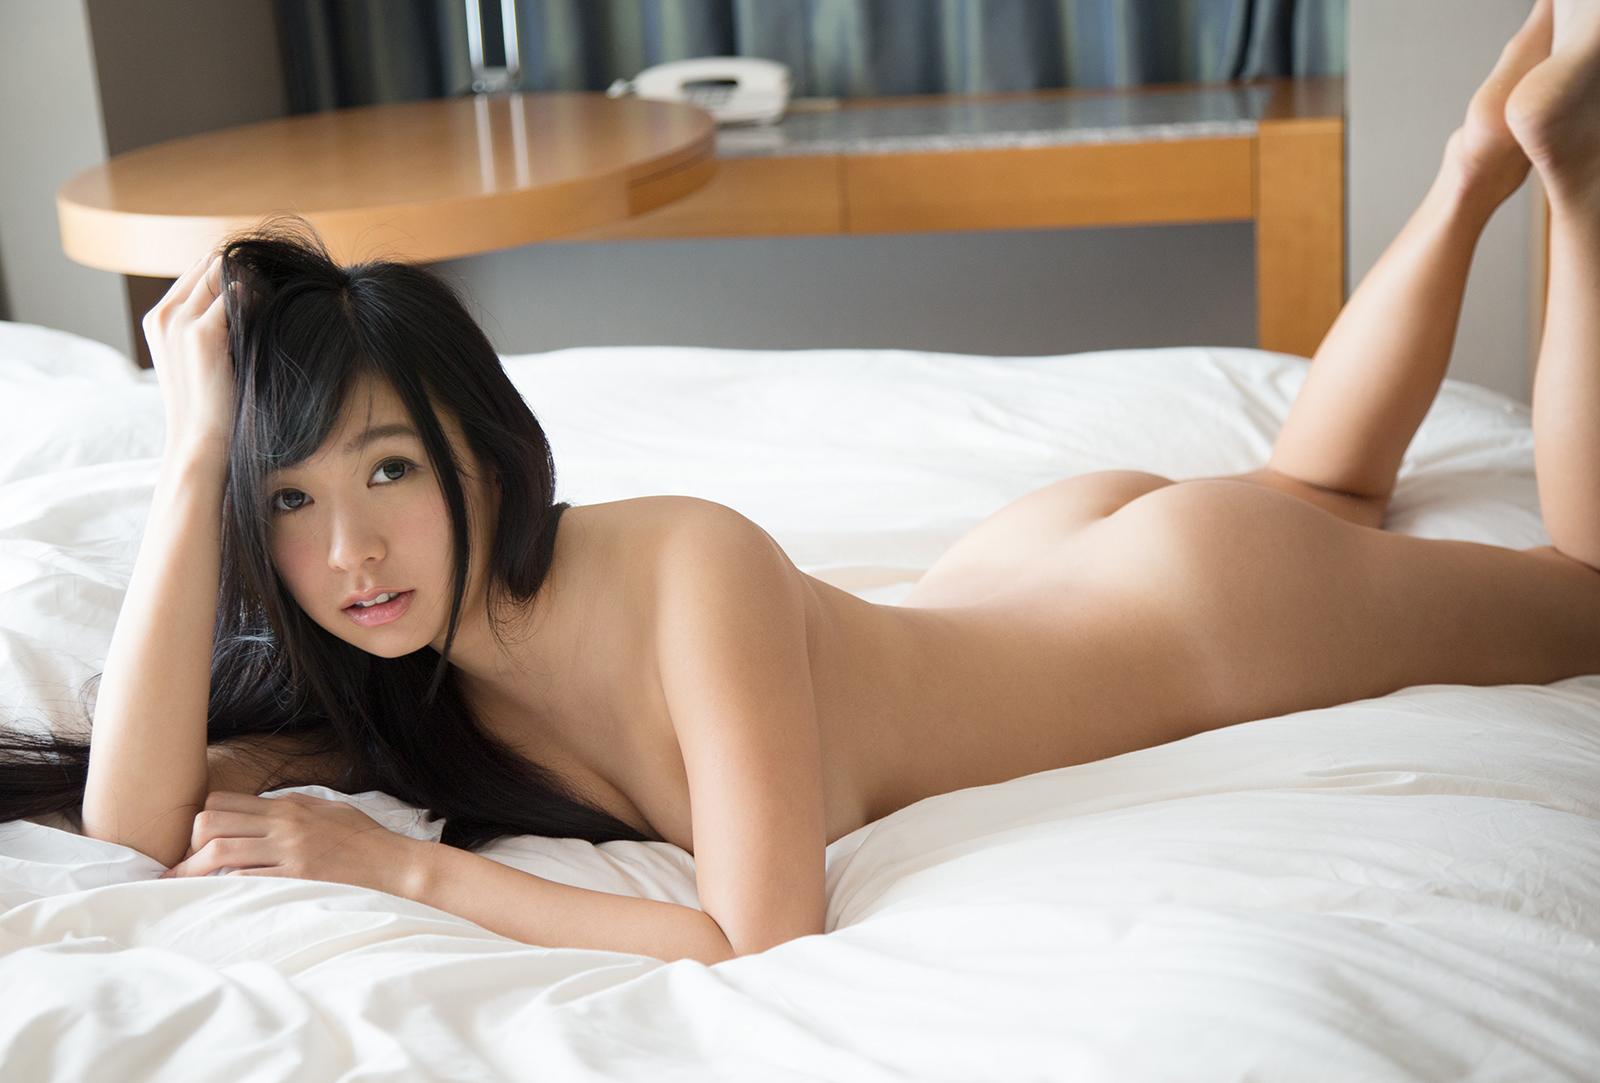 小倉奈々 画像 19